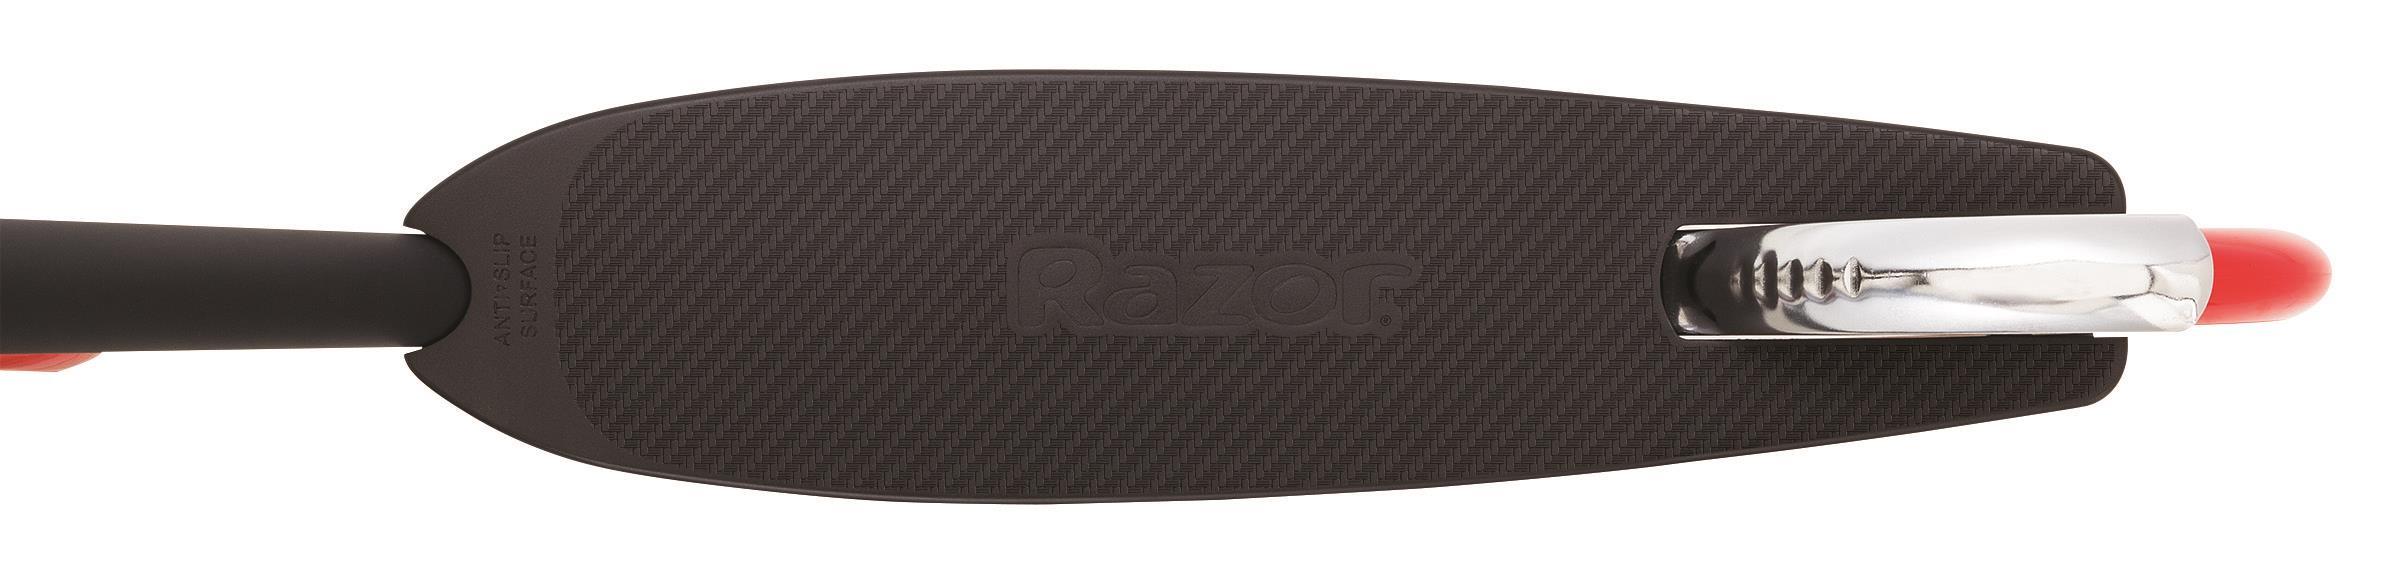 Razor Carbon Lux Scooter - Black/Red Elektriskie skuteri un līdzsvara dēļi